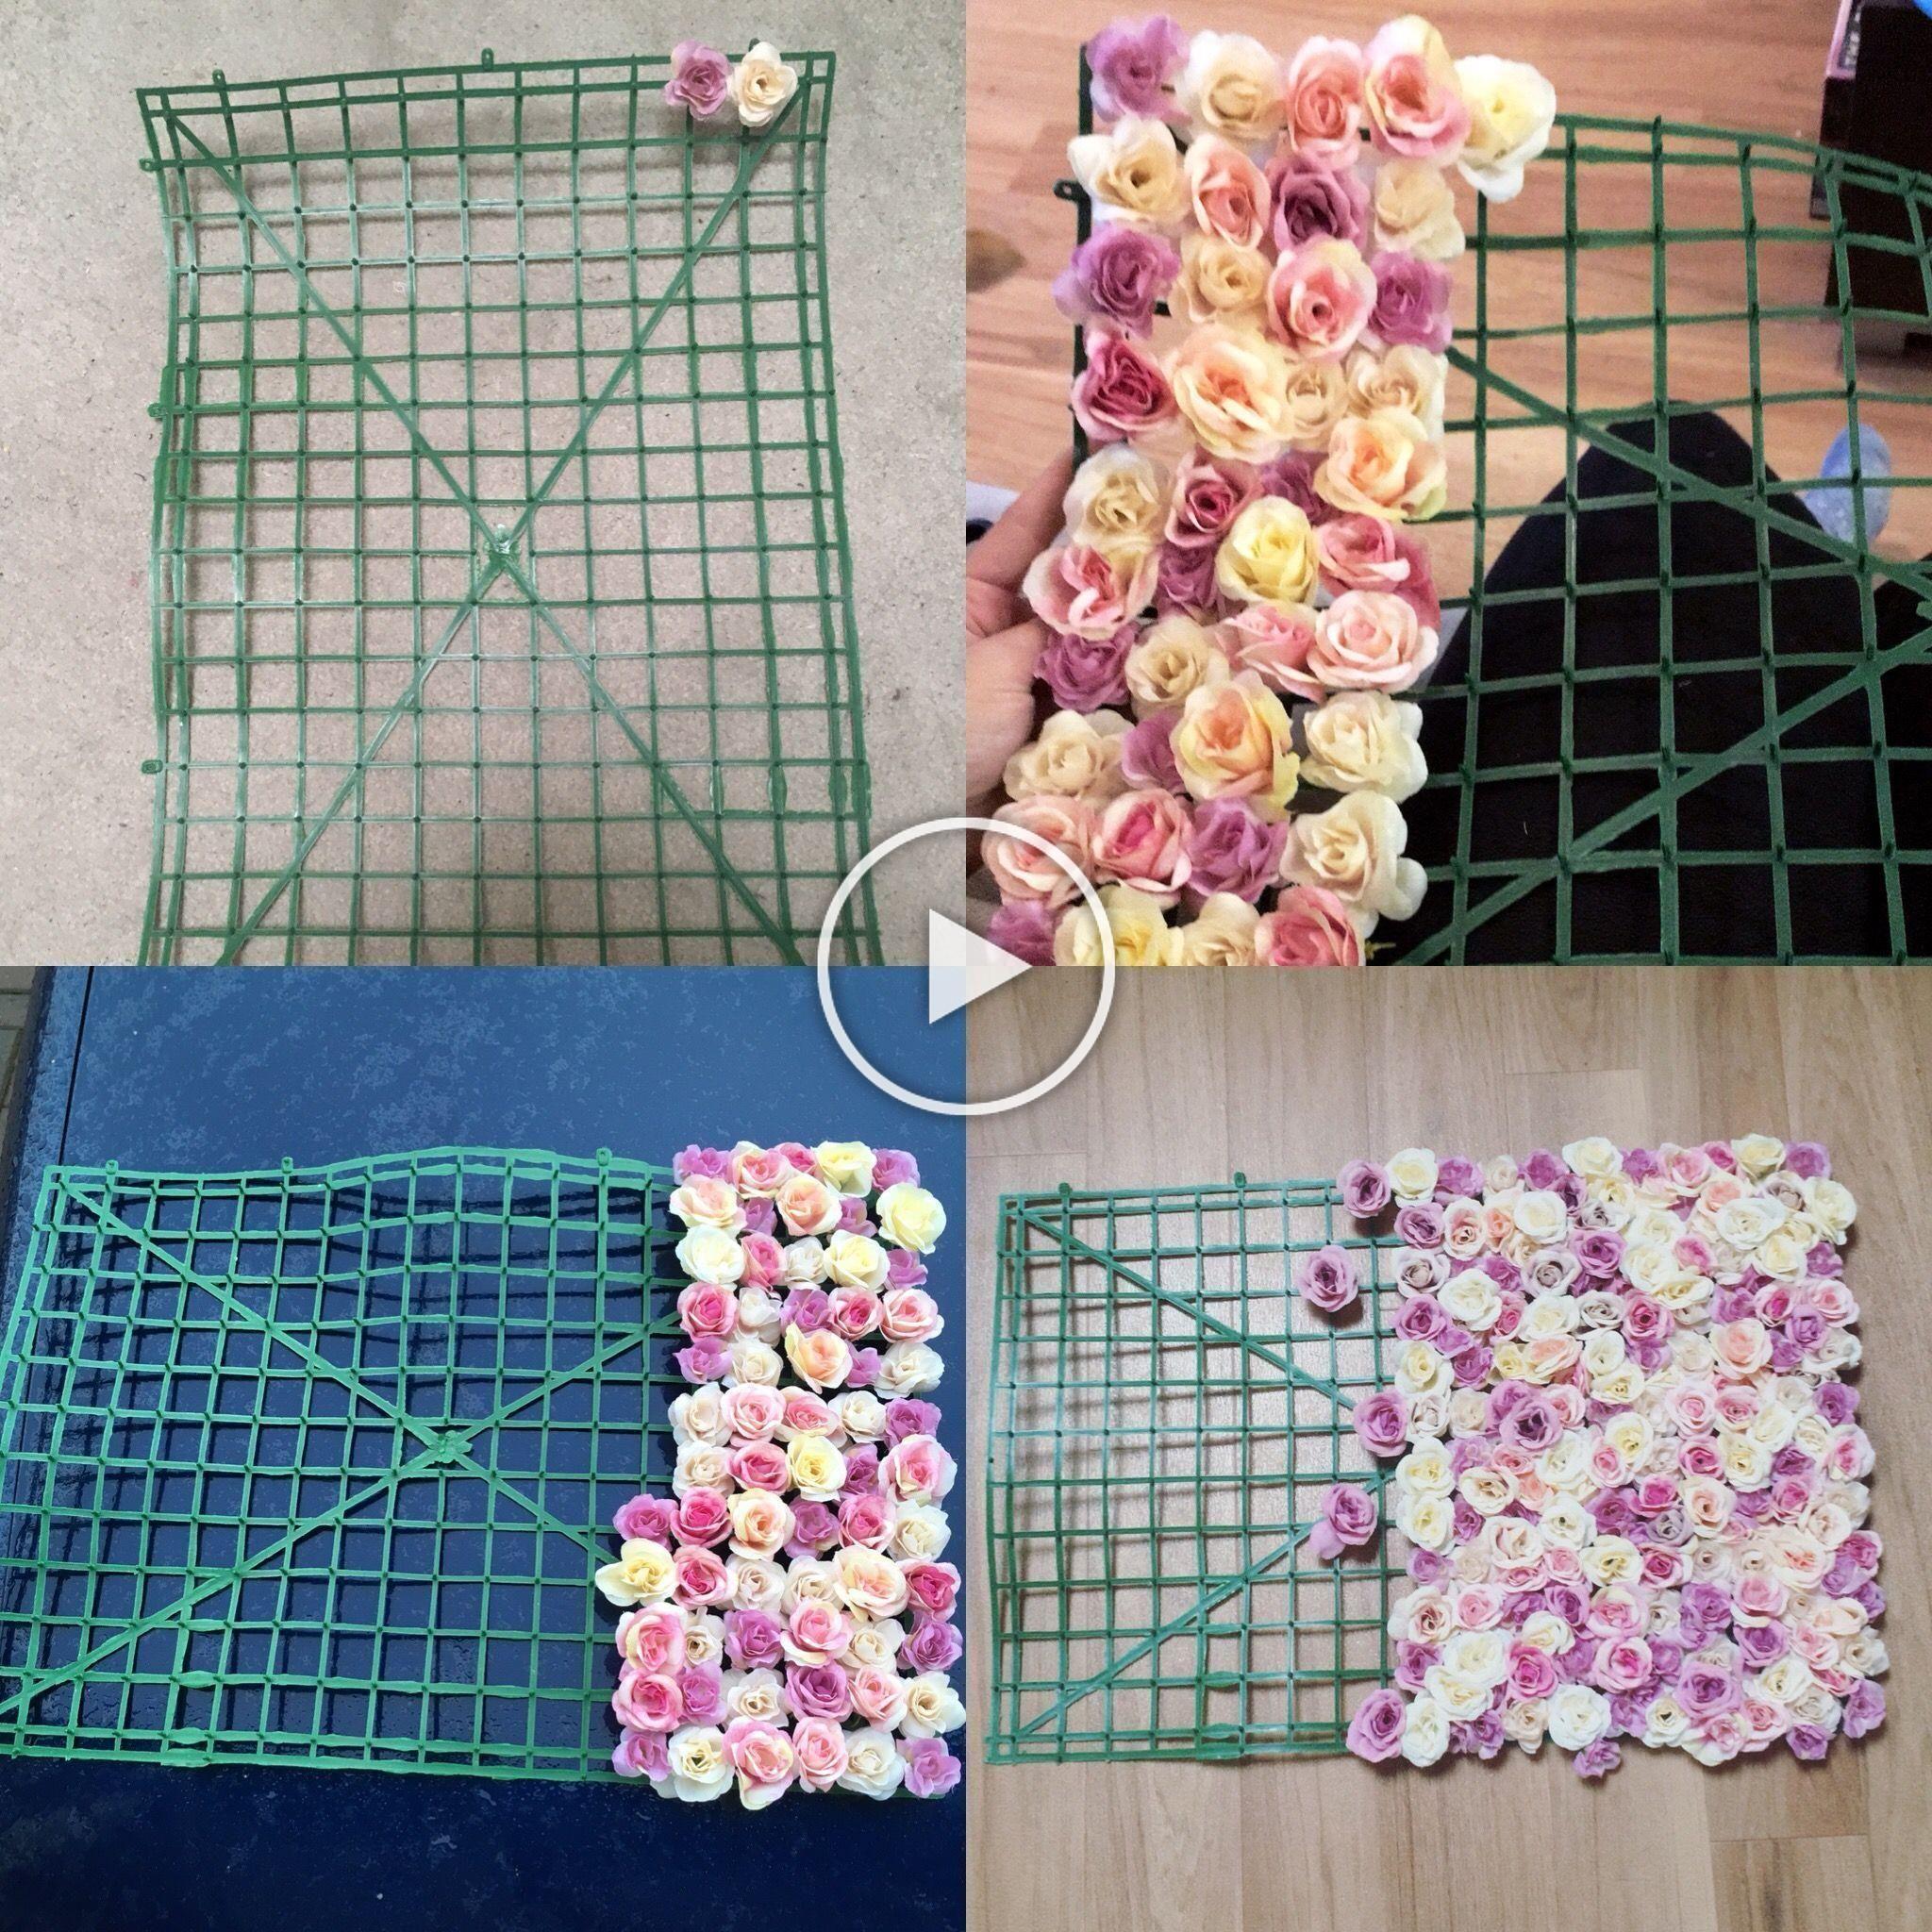 Flower Wall DIY with vintage fake flowers#diy #fake #flower #flowers #vintage #w...#diy #fake #flower #flowers #flowersdiy #vintage #wall